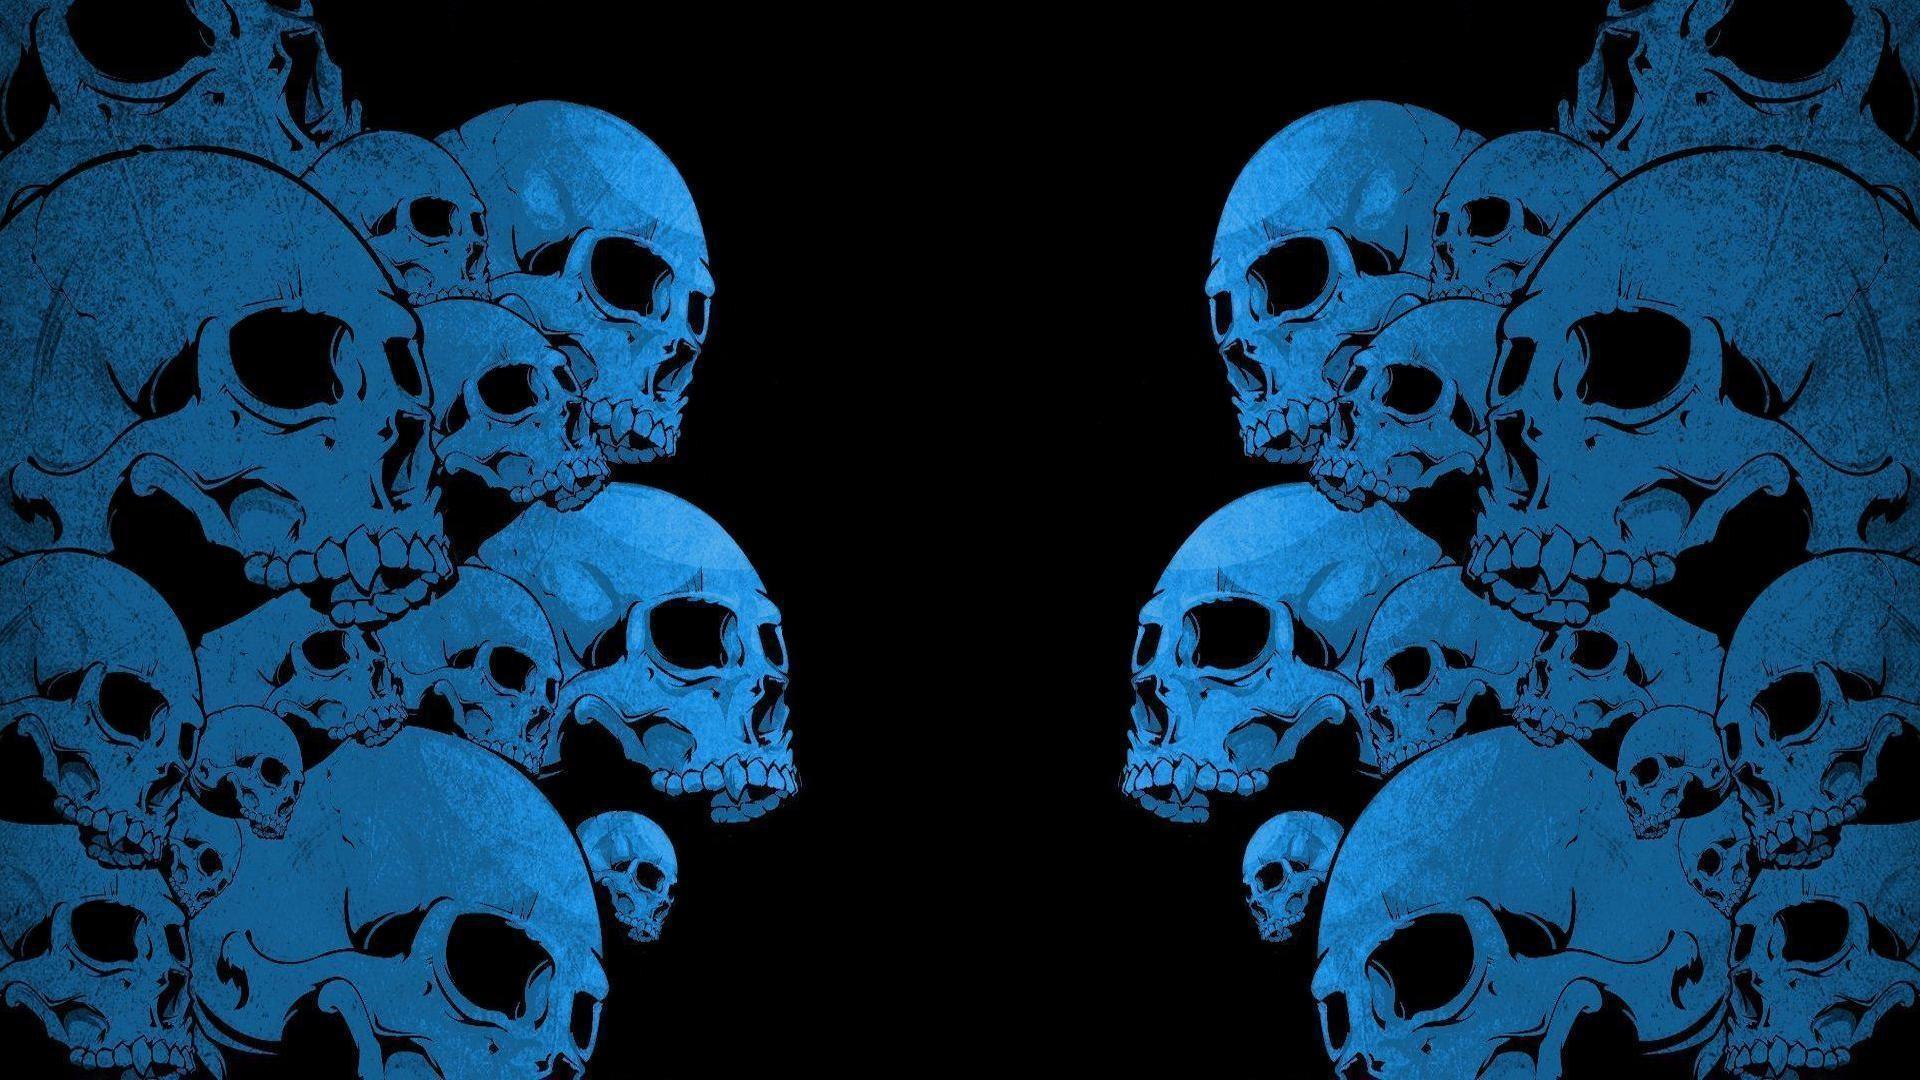 Image Scary Skull Wallpaper Skulls 1024x768PX ~ Wallpaper Skulls #